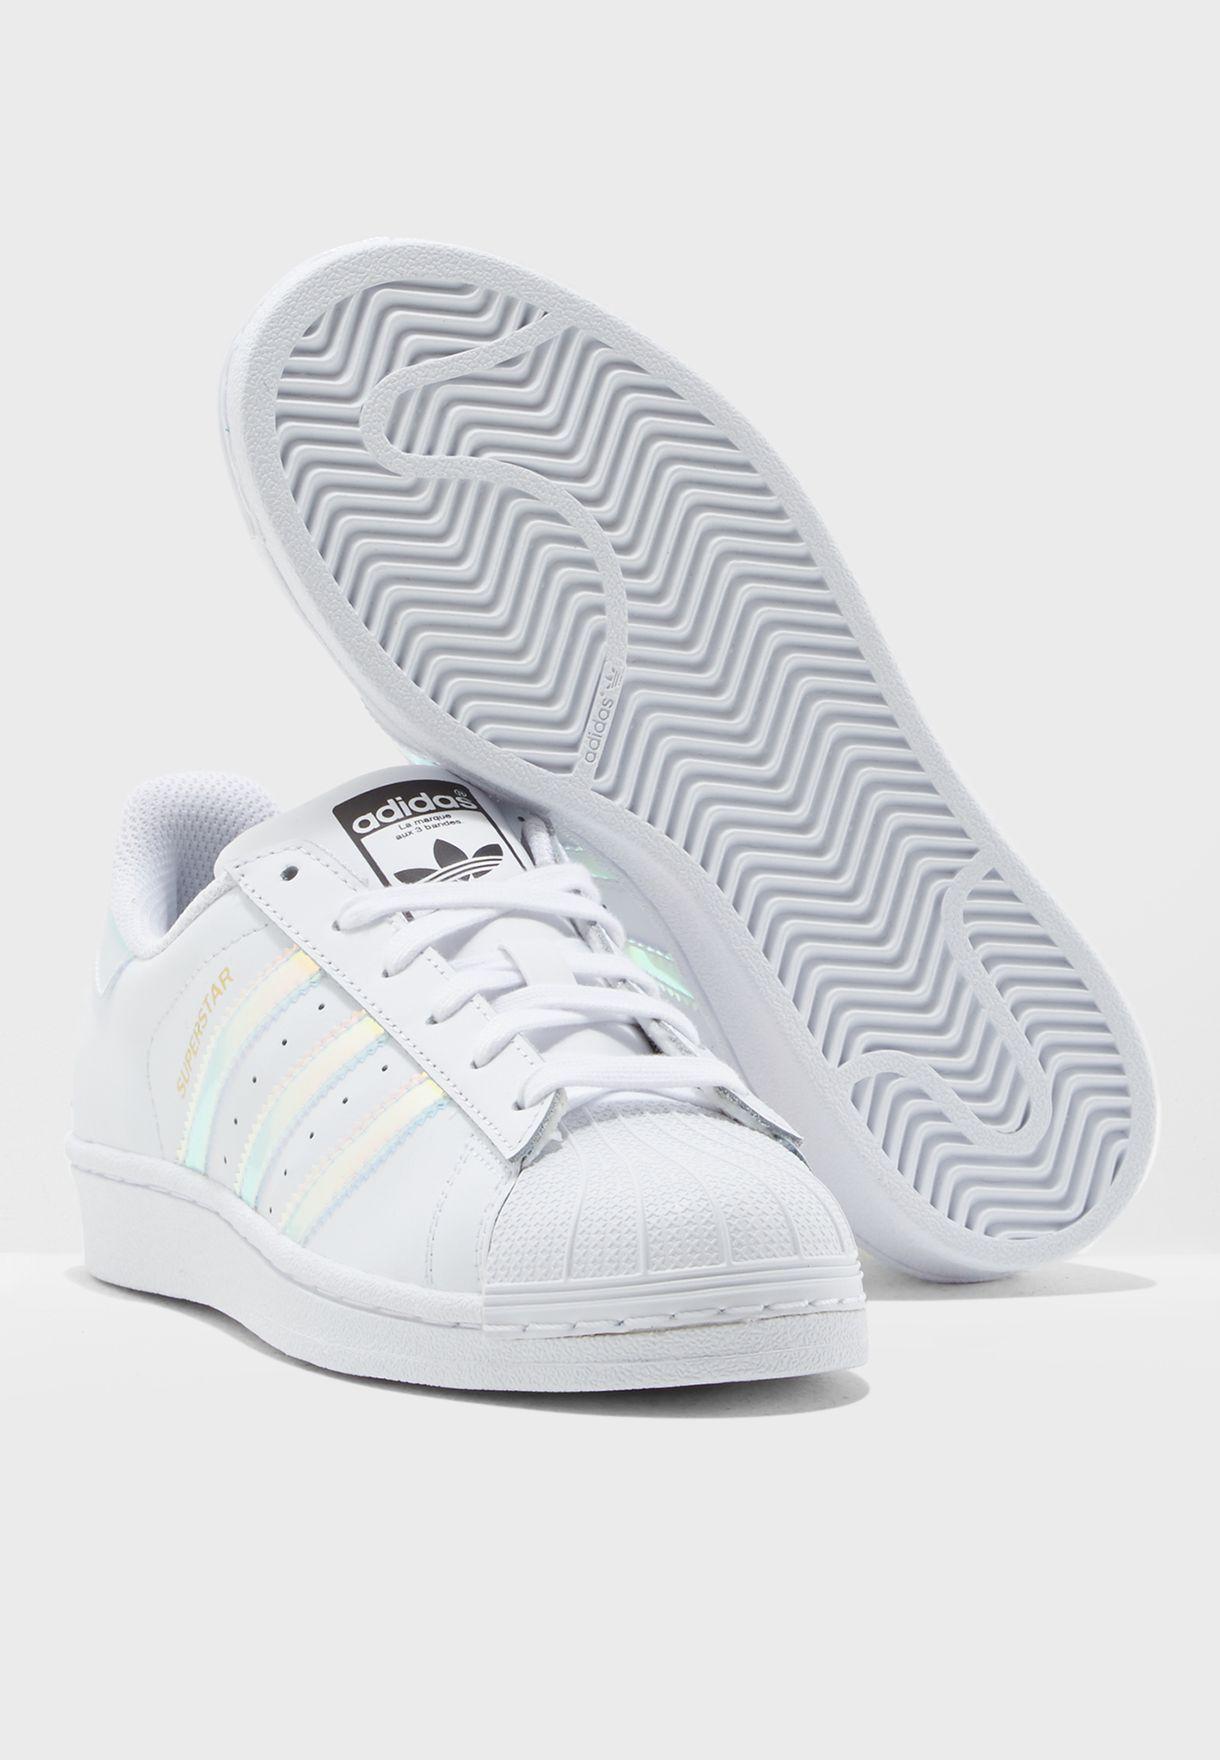 be4d09ca5 تسوق حذاء سوبر ستار للشباب ماركة اديداس اورجينال لون أبيض AQ6278 في ...